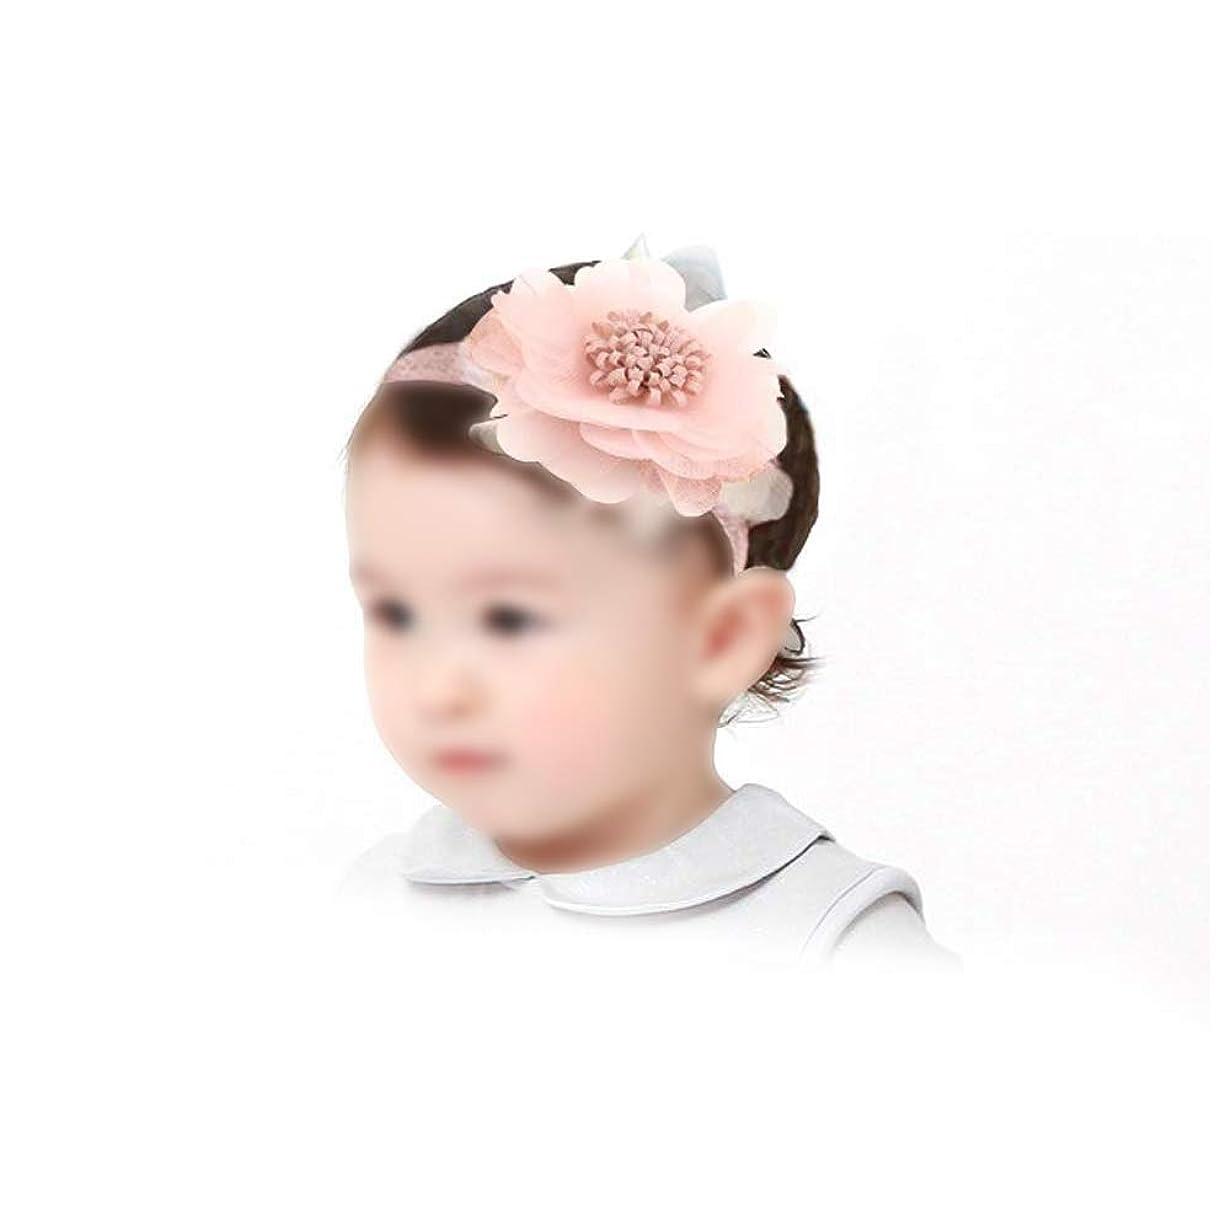 マイルシェアテーブルを設定する2点セットベビー 髪飾り リボン 赤ちゃん ヘアバンド ヘアアクセサリー ベビー ヘアバンド